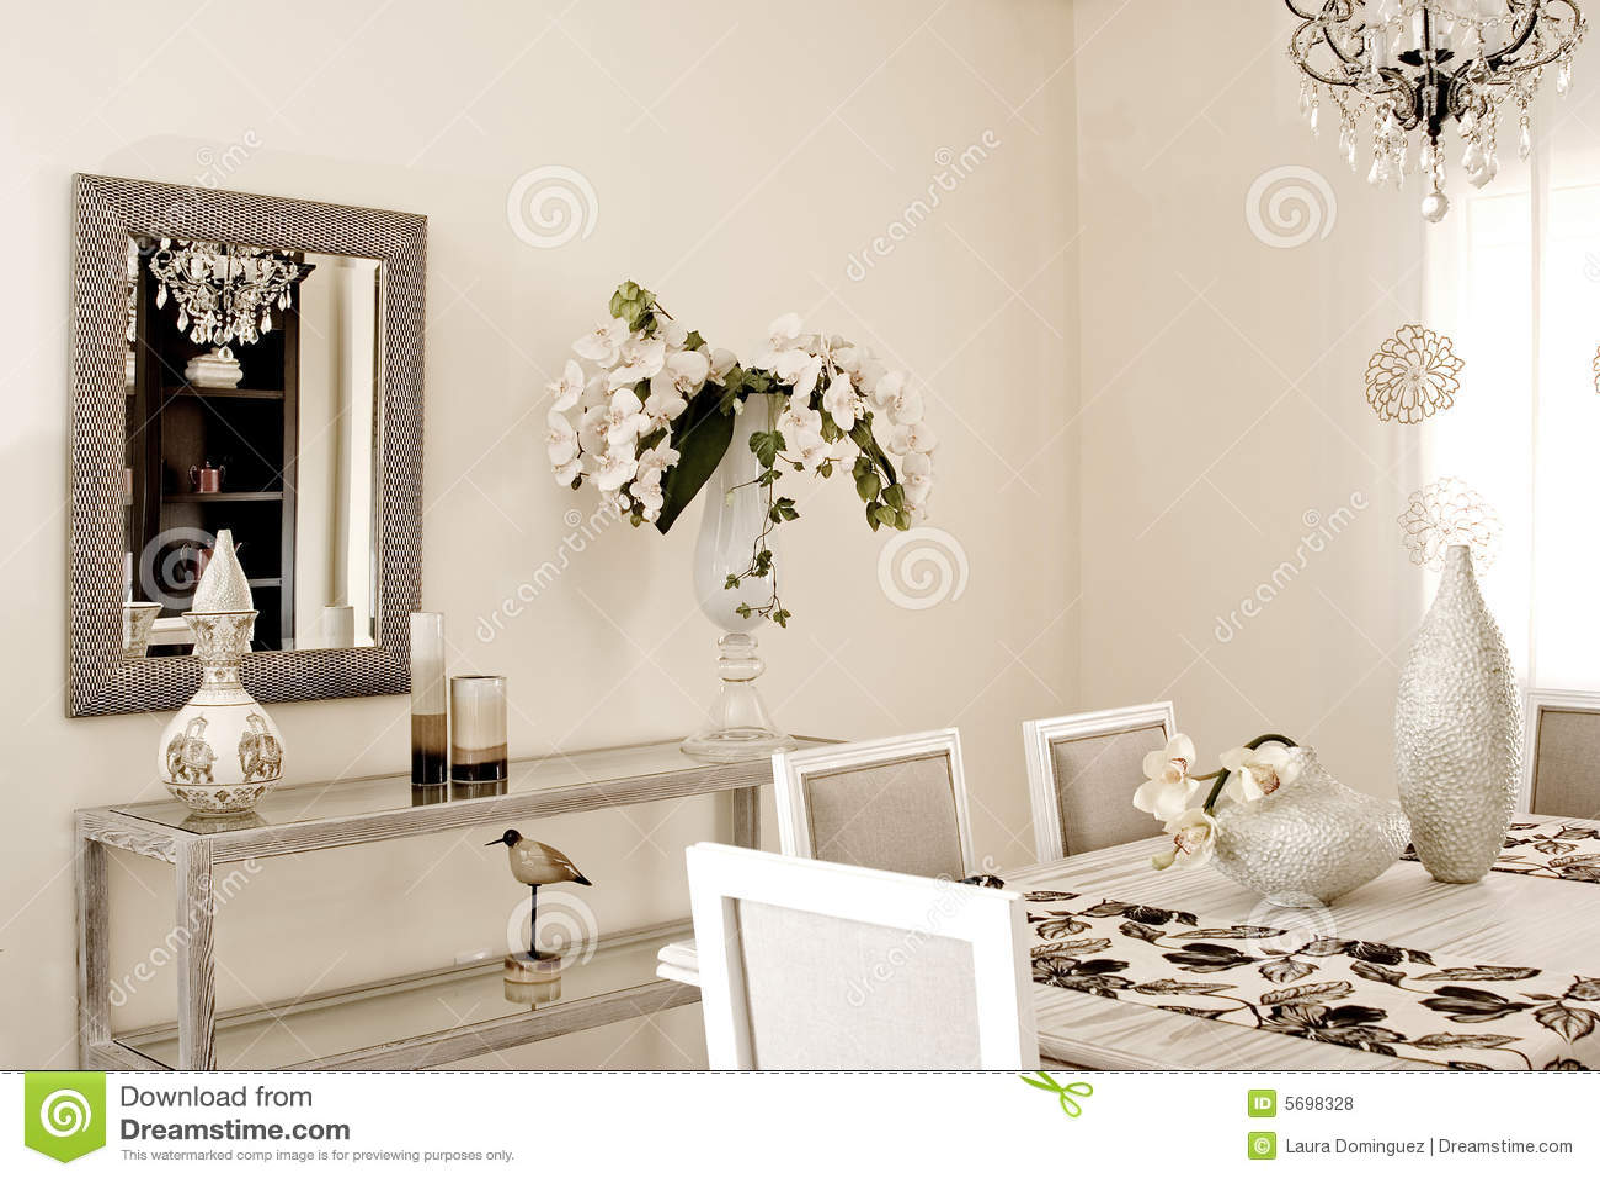 Sala Da Pranzo Fotografie Stock Libere Da Diritti Immagine: 5698328 #84A922 1300 975 Sala Da Pranzo Classica Ikea